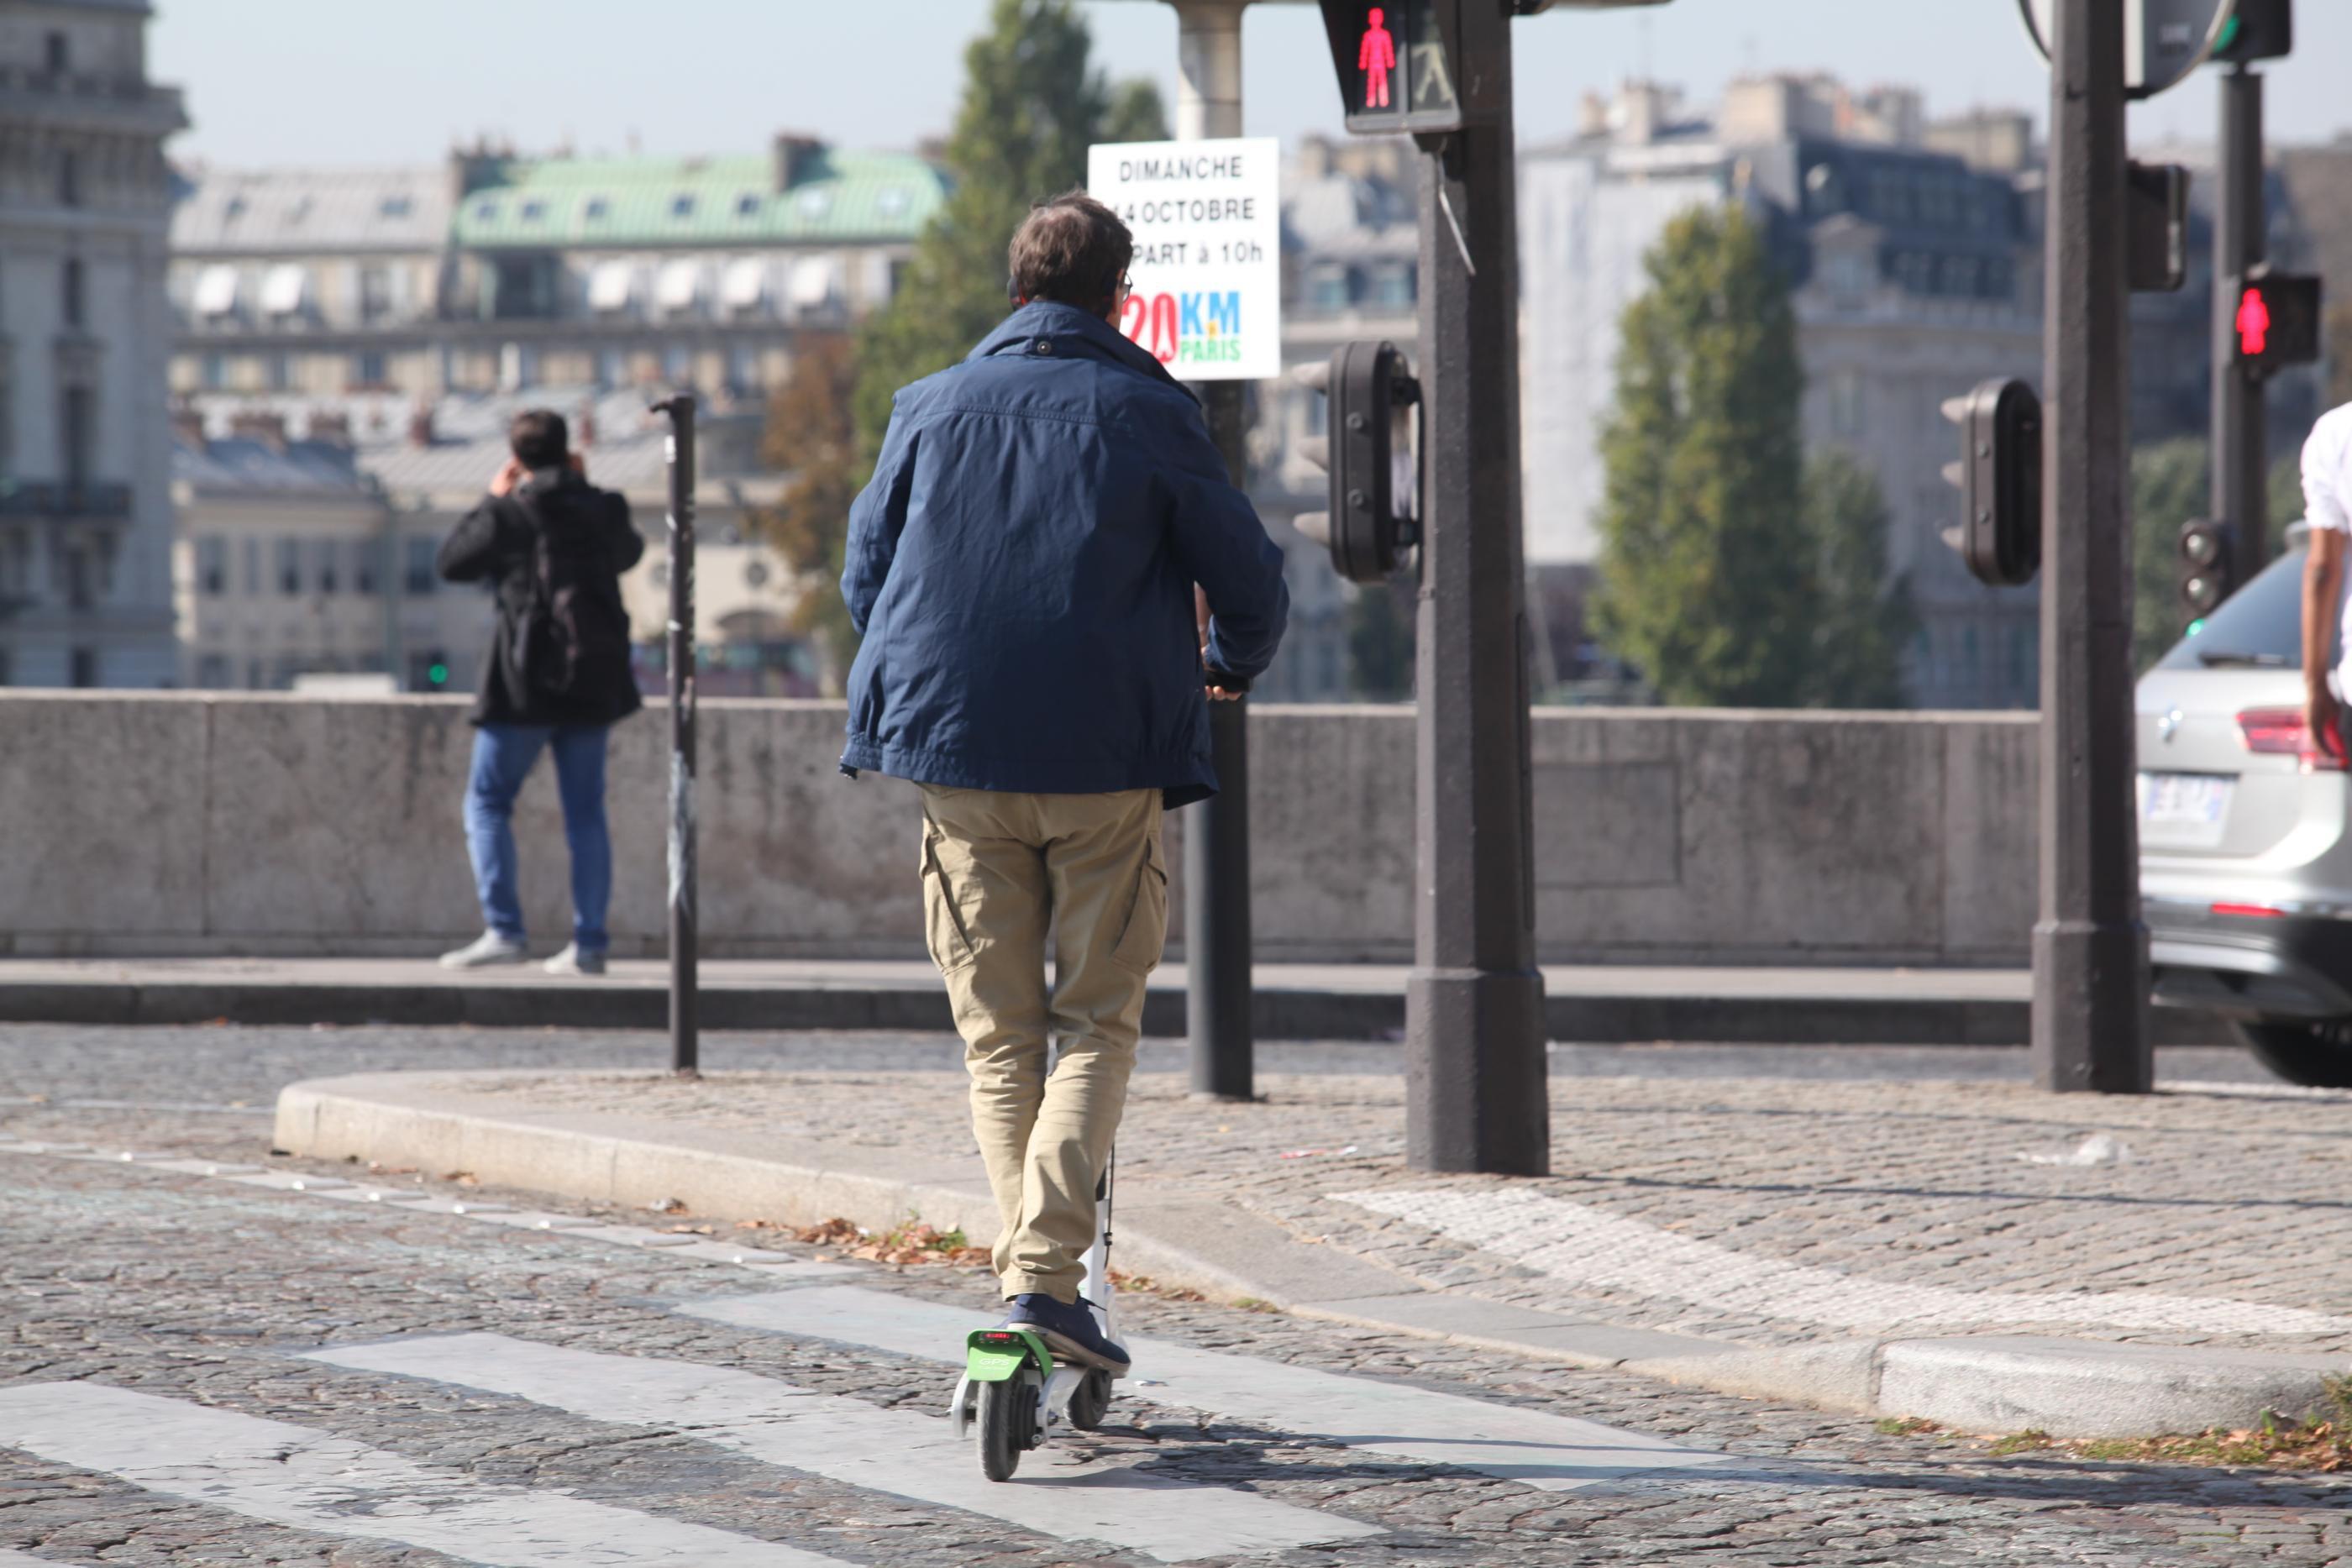 Jura : flashé à 57 km/h sur sa trottinette électrique - Le Parisien